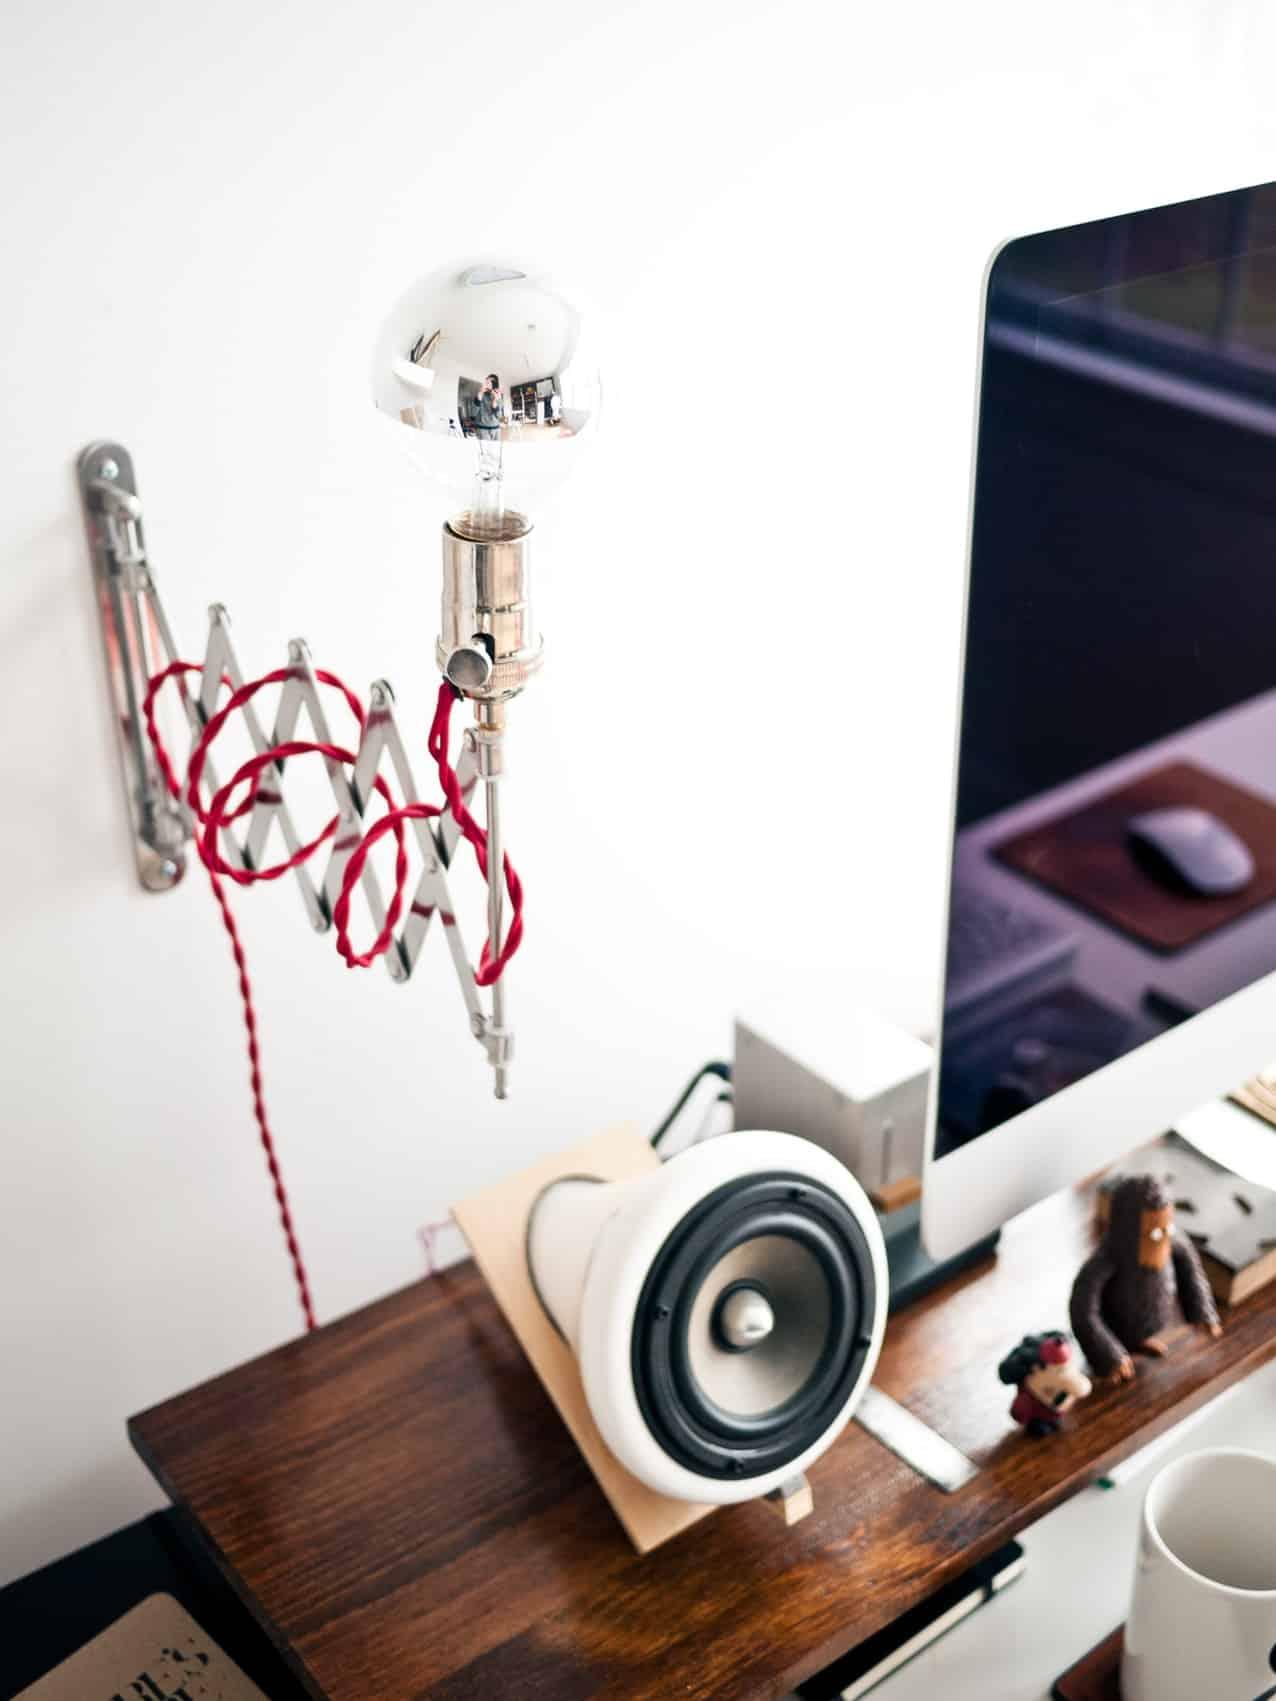 The Advent of Modern Light-bulb Speakers